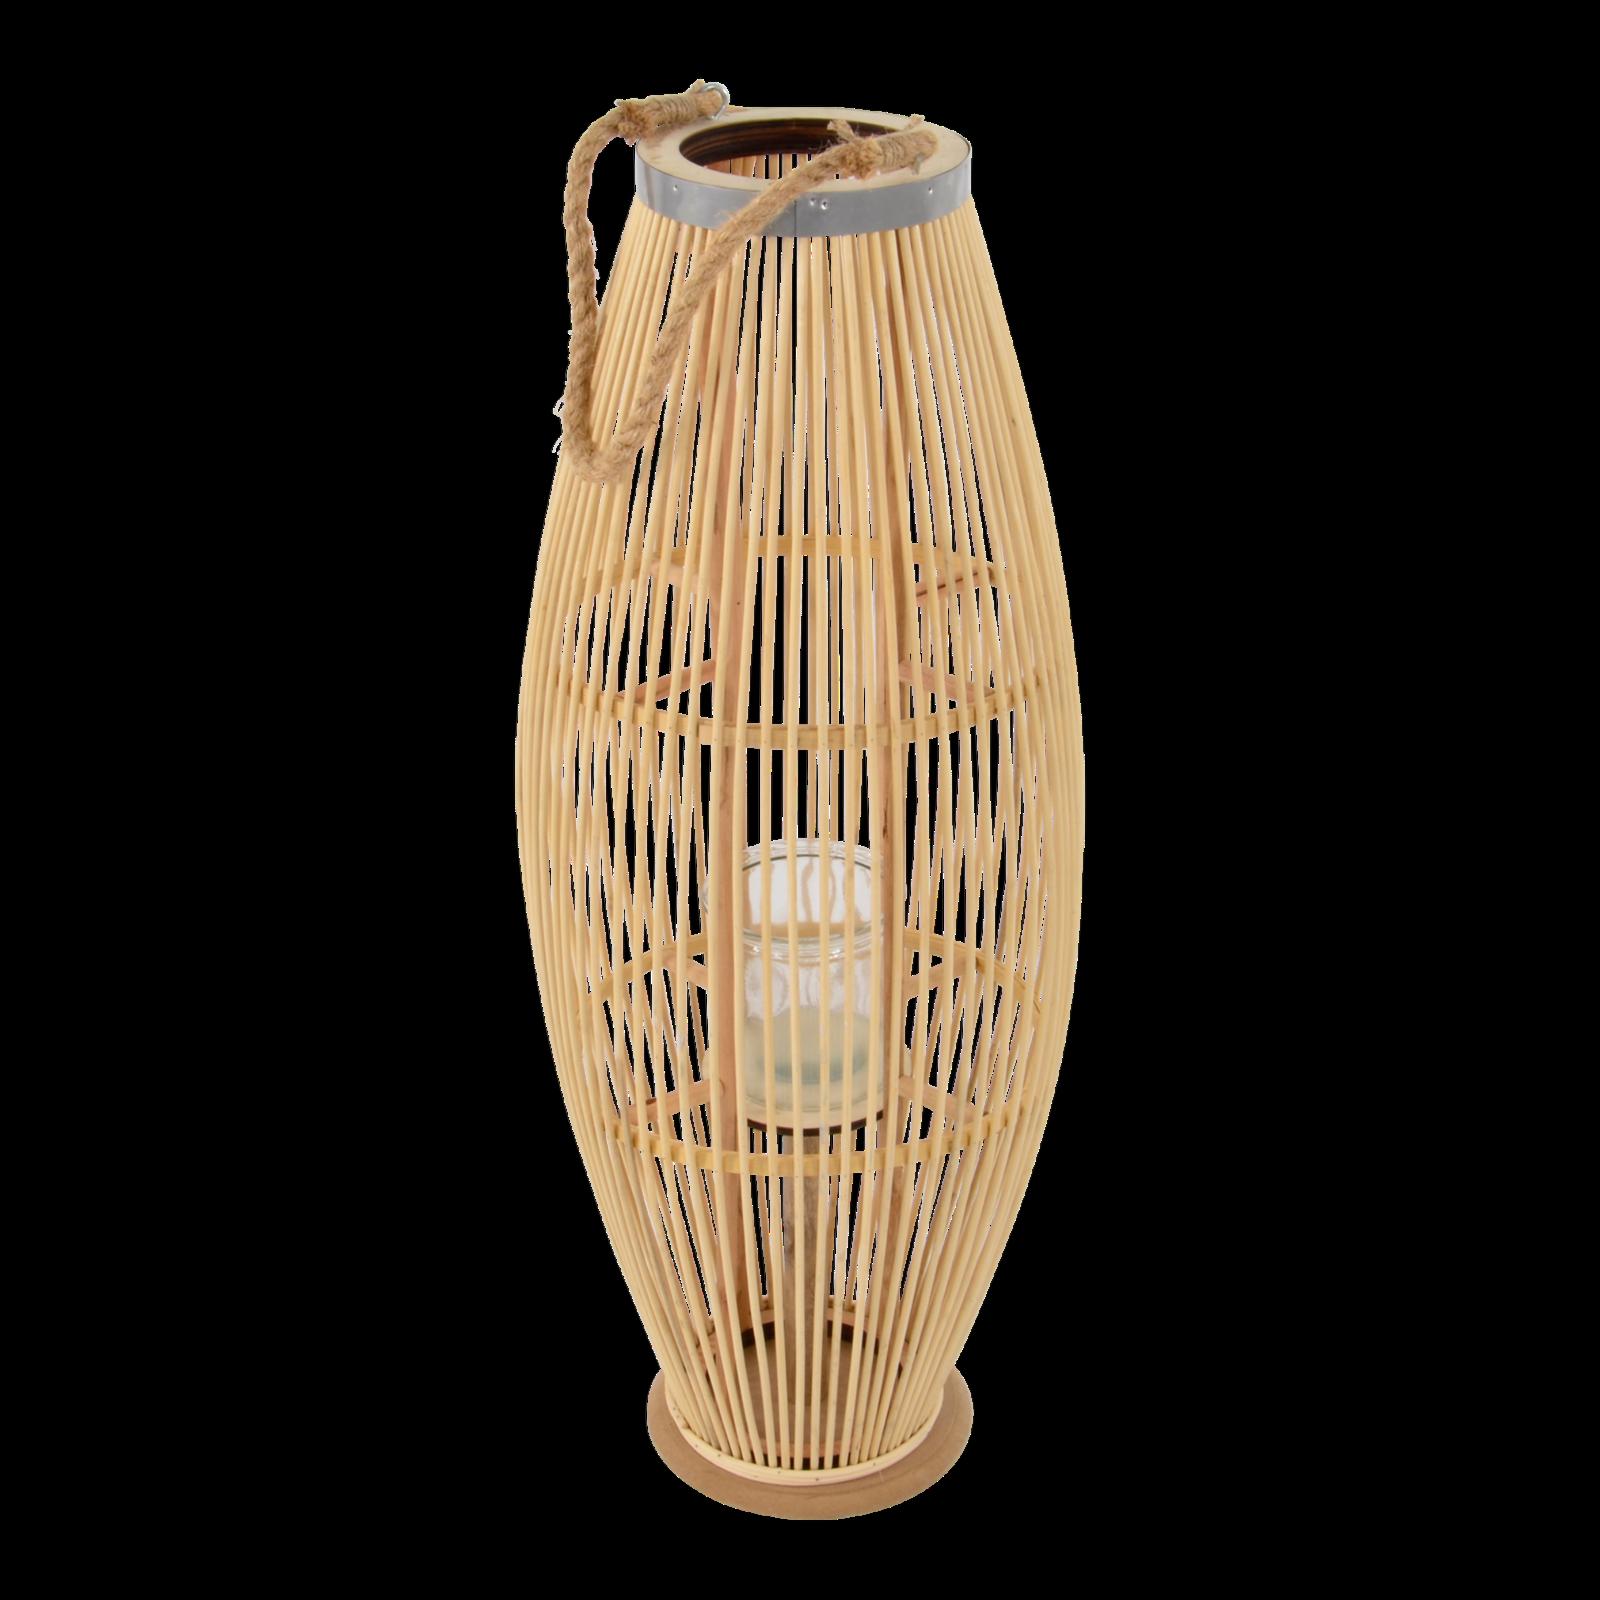 Windlicht Bodenlicht Laterne Guangzhou Rattan 30x72cm | | | Eleganter Stil  |  Neuer Markt  | Attraktiv Und Langlebig  b4fb66